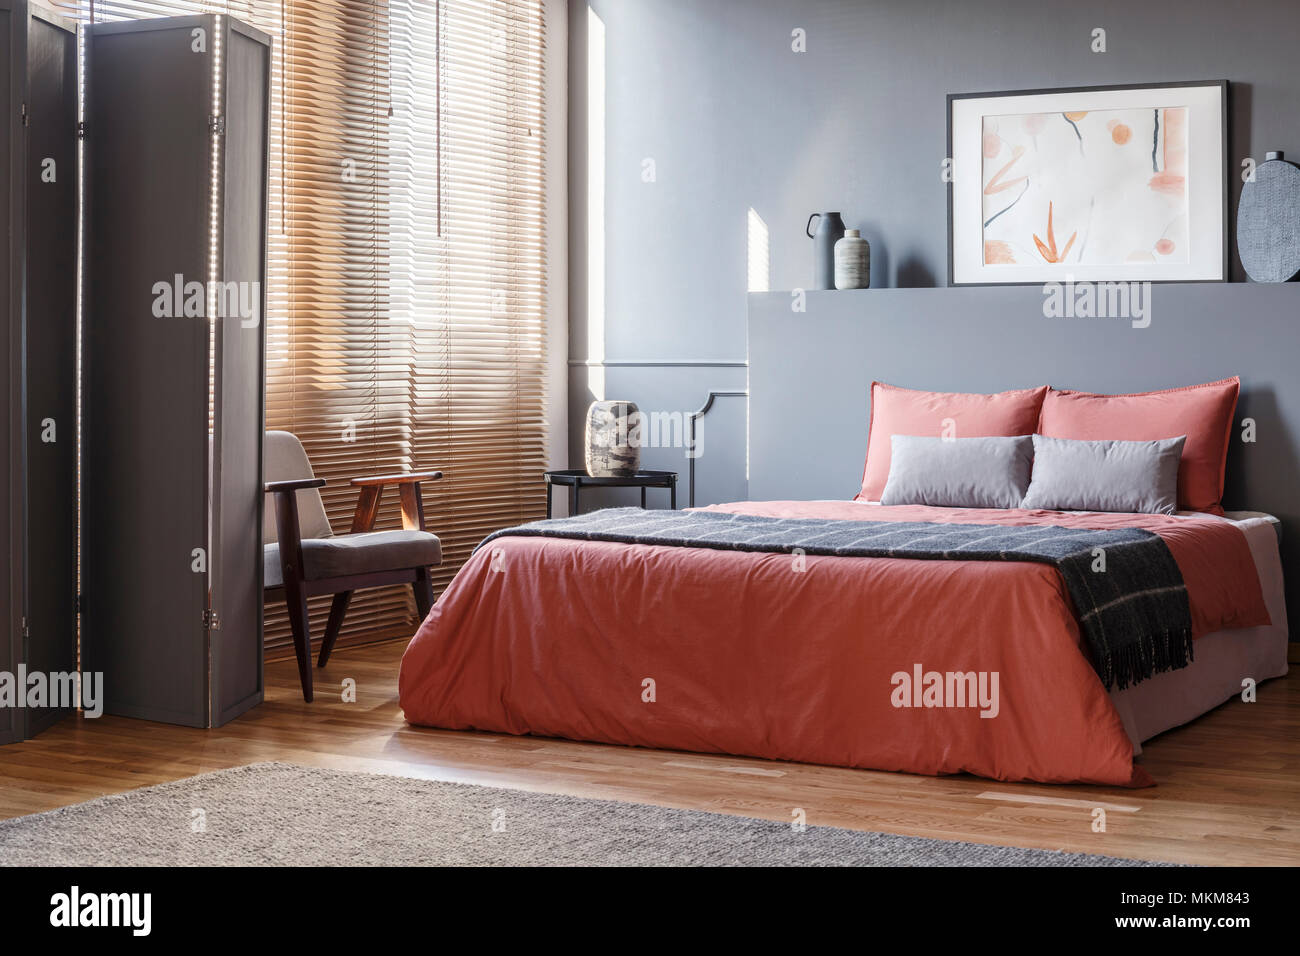 Letto Grigio Scuro : Foto reale di elegante camera da letto interno con pareti di colore